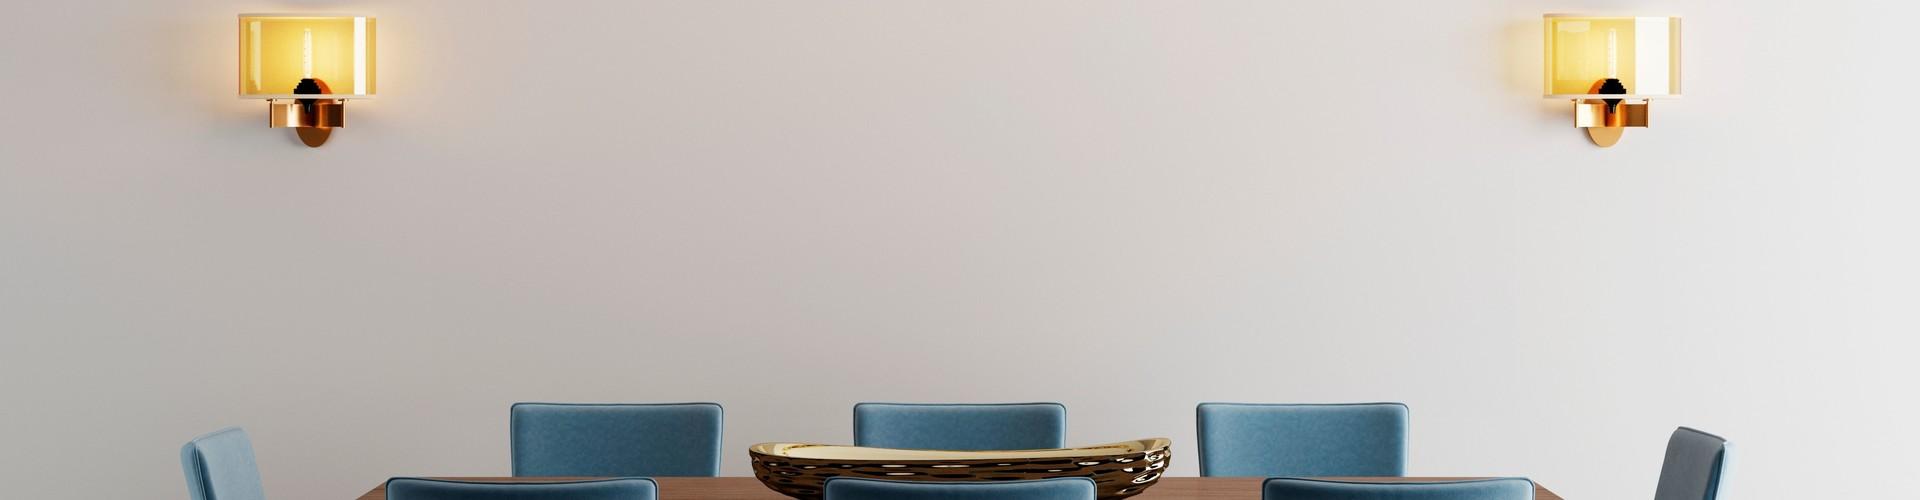 Geef je eethoek een eigentijdse touch met moderne eetkamerstoelen